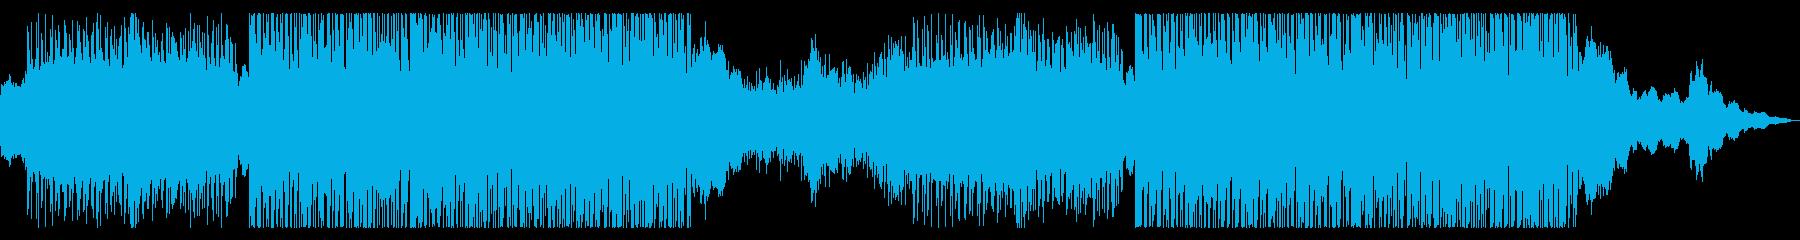 疾走感があるスタイリッシュな曲の再生済みの波形